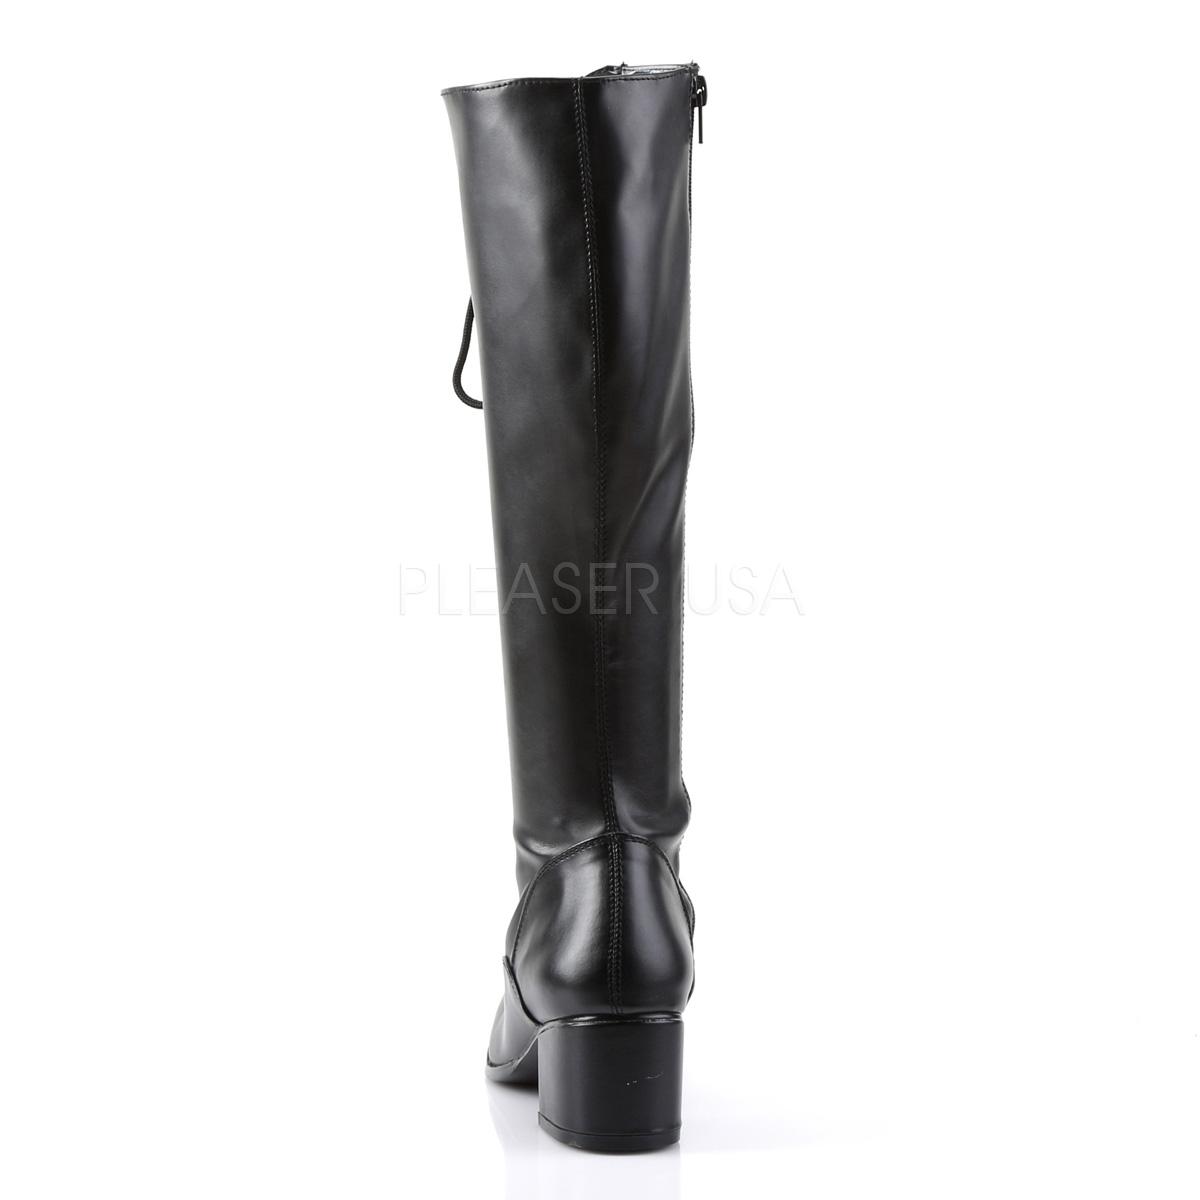 Funtasma(Pleaser) RETRO-302 レースアップ(編み上げ)/サイドジップ ニーハイブーツ つや消し黒 ひざ下丈ブーツ 約5cmブロックヒール◆取り寄せ